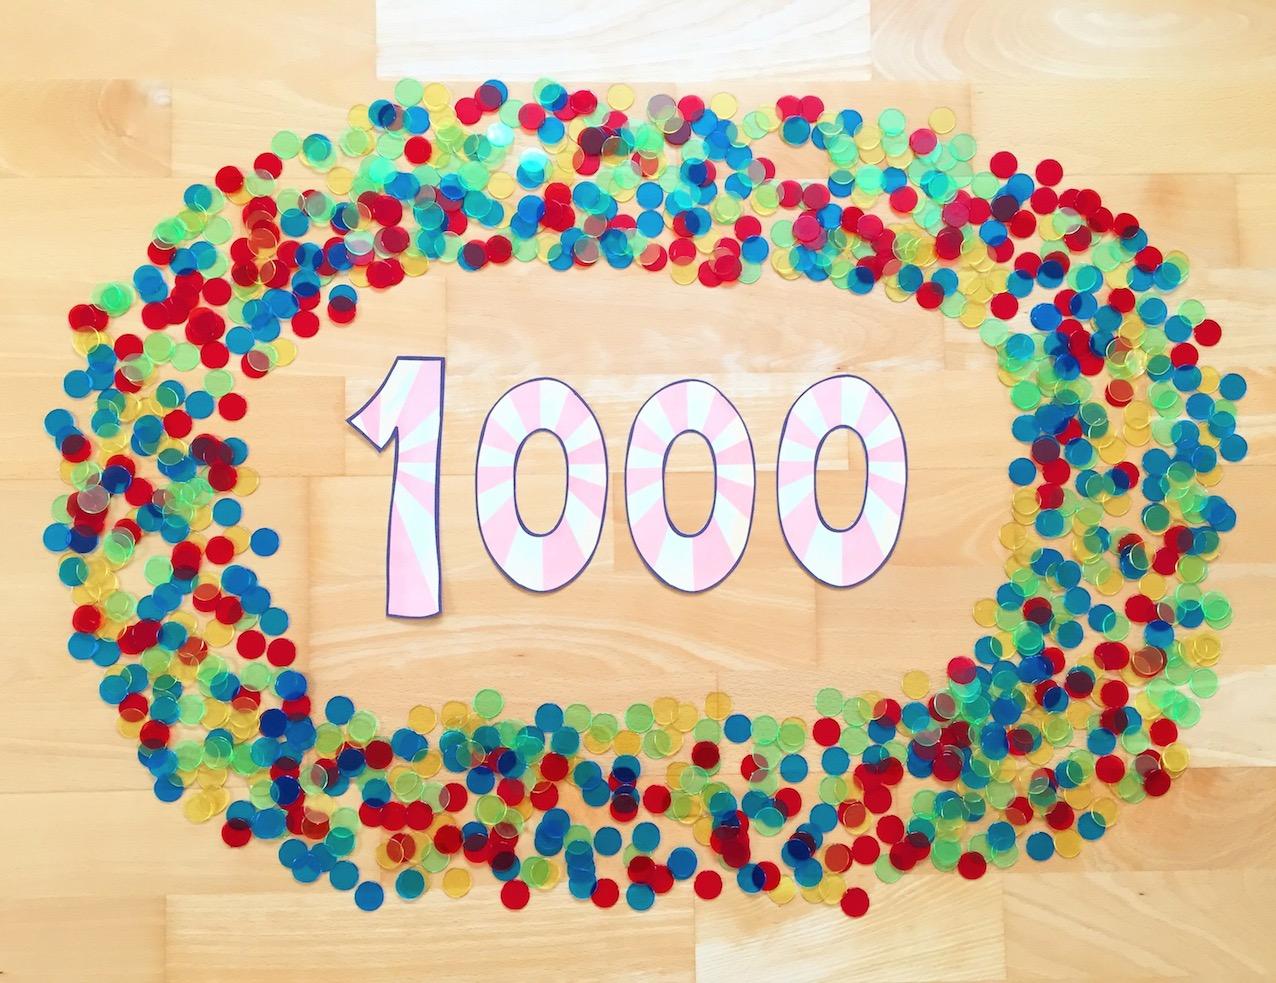 materialwiese zahlenraumerweiterung bis 1000